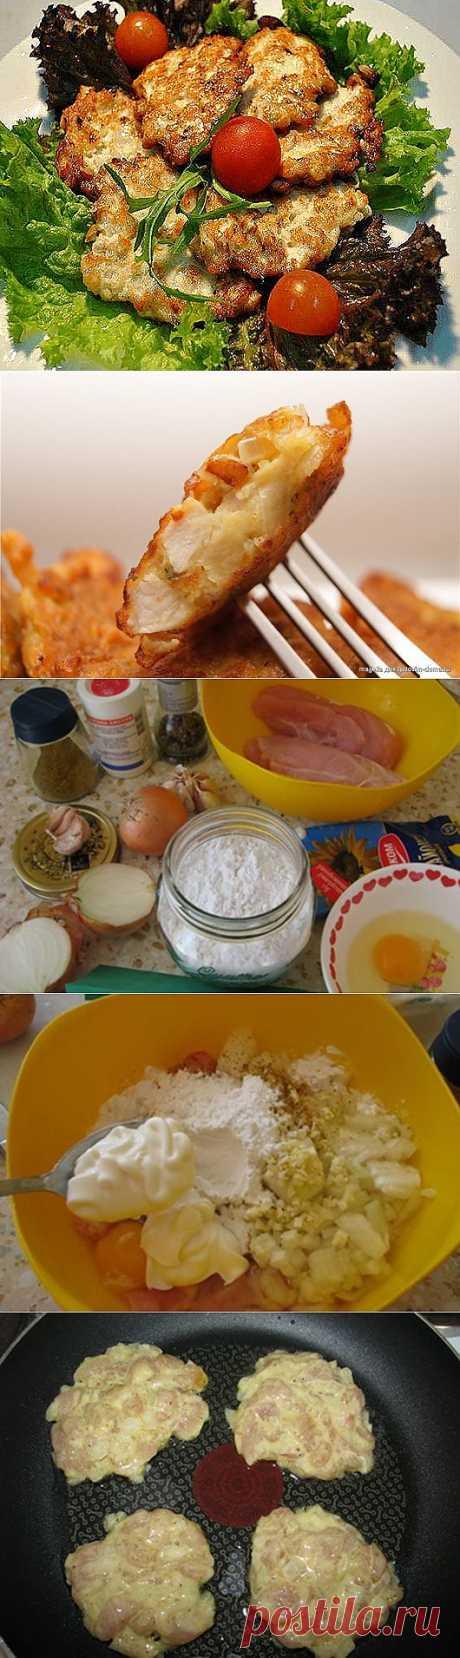 Рецепт на выходной: Куриные оладьи | SOFTMIXER